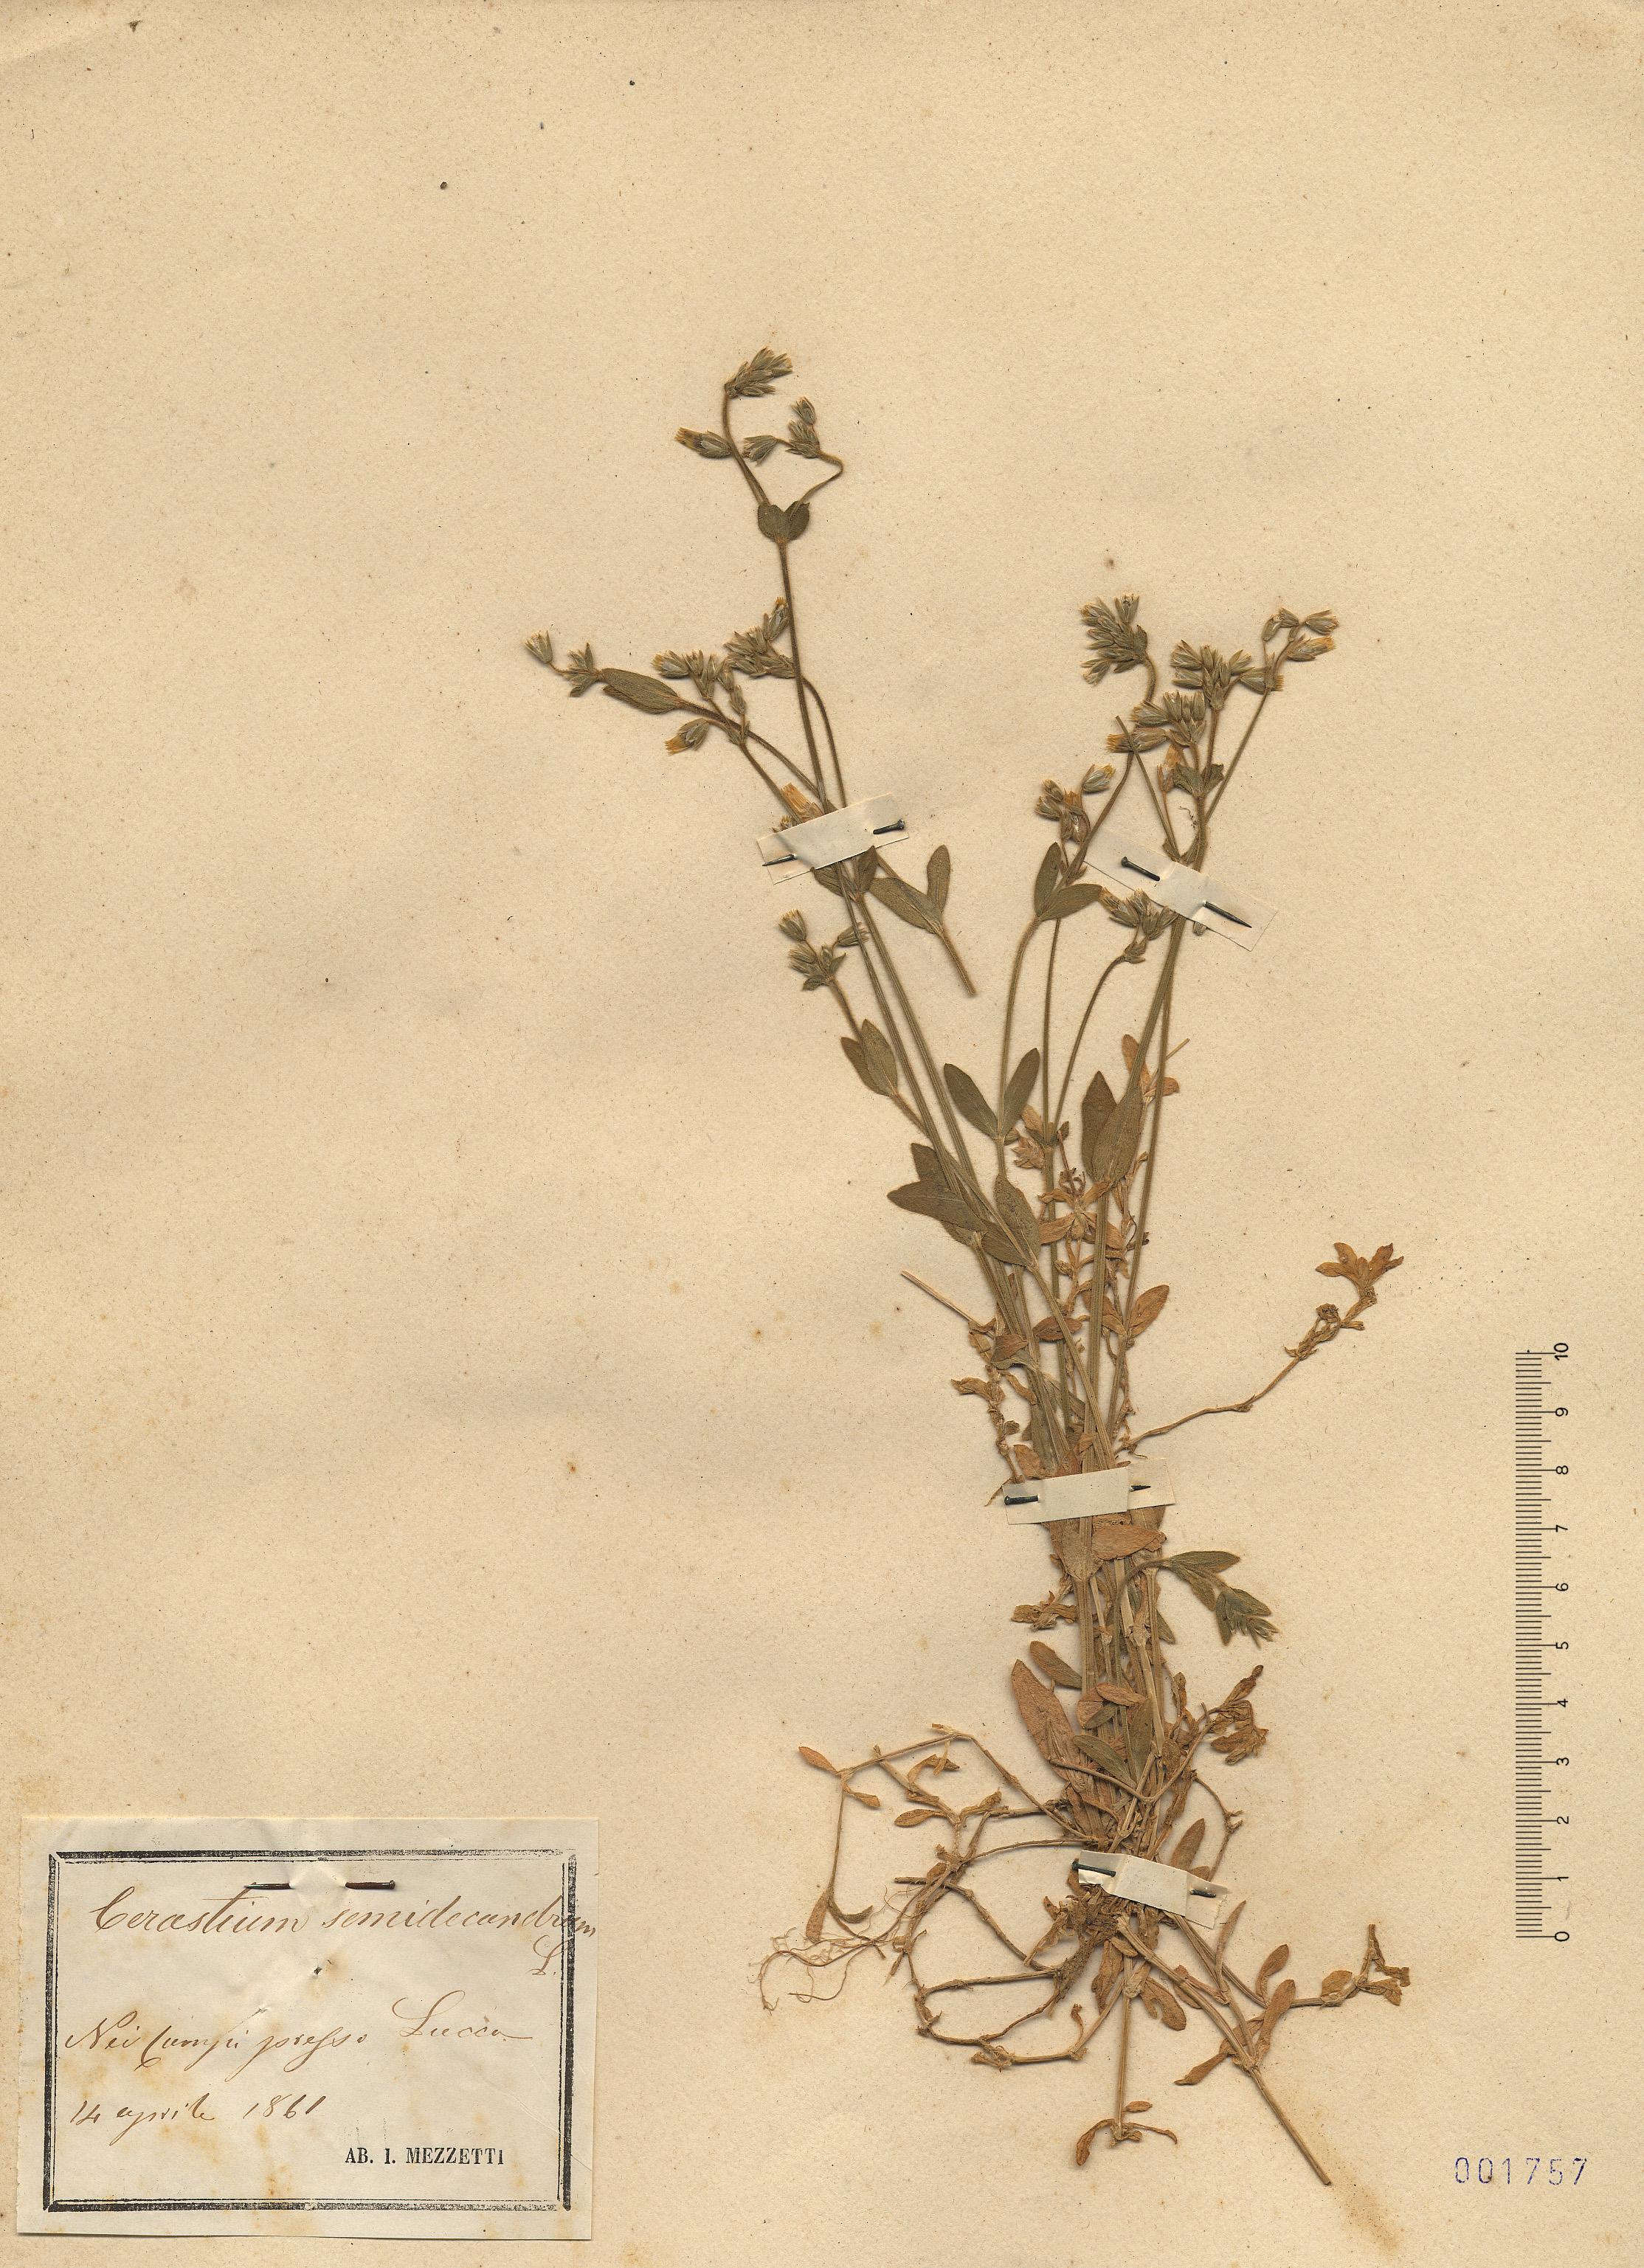 © Hortus Botanicus Catinensis - Herb. sheet 001757<br>